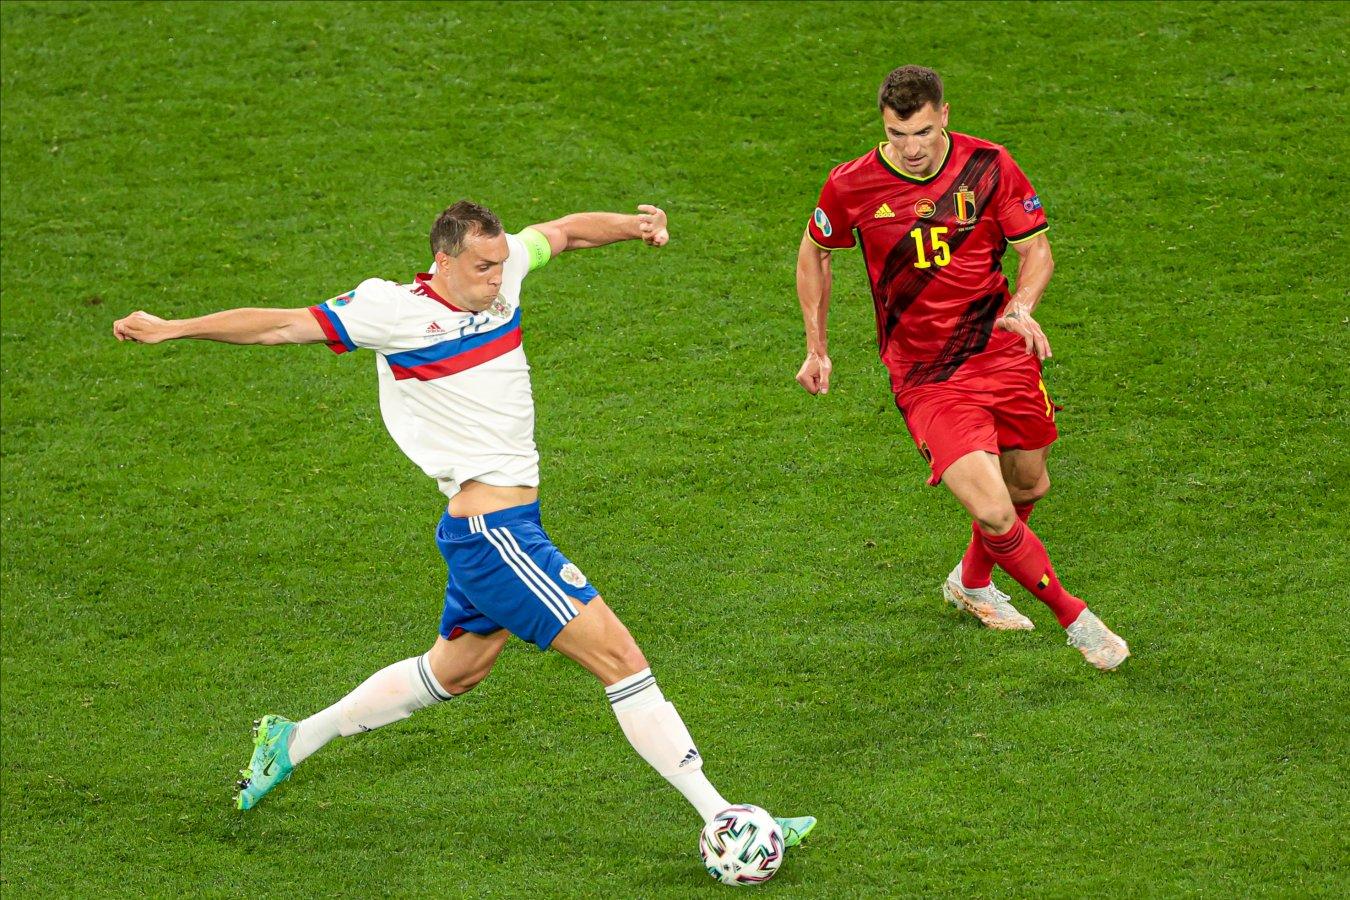 Салихова: Дзюба не смог совершить ни одного полезного действия в матче Бельгия — Россия